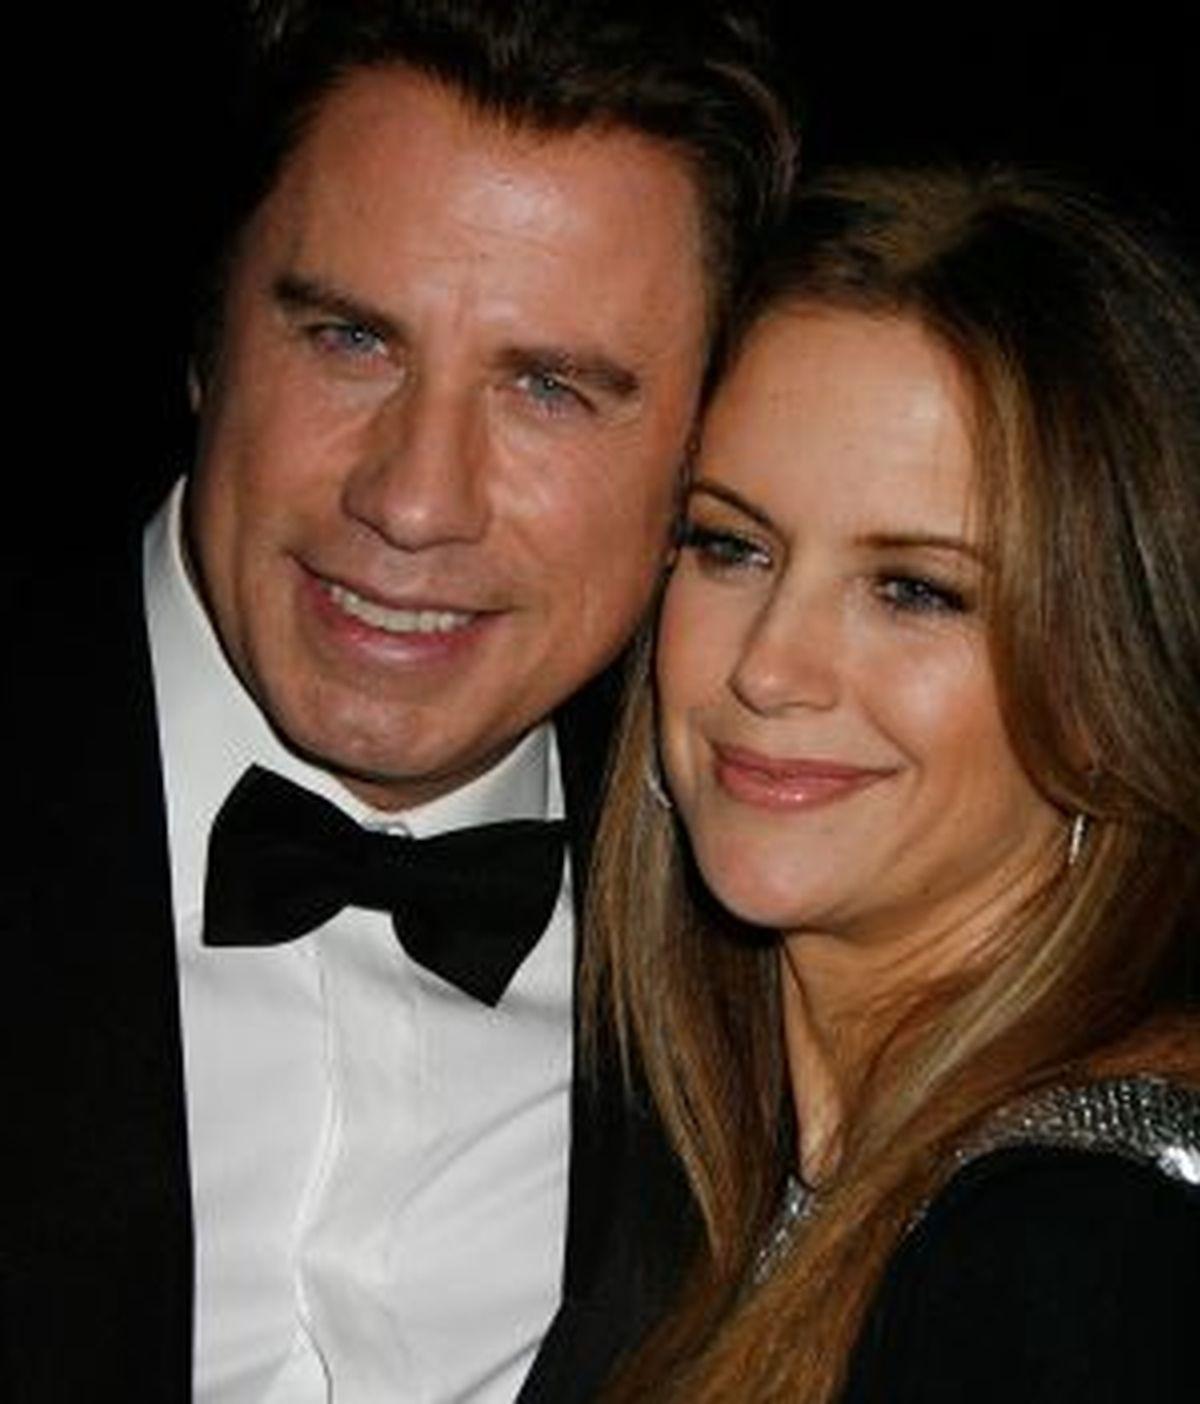 John Travolta y su mujer, Kelly Preston, durante el Festival de Cine de Santa Bárbara. Foto: Gtres.